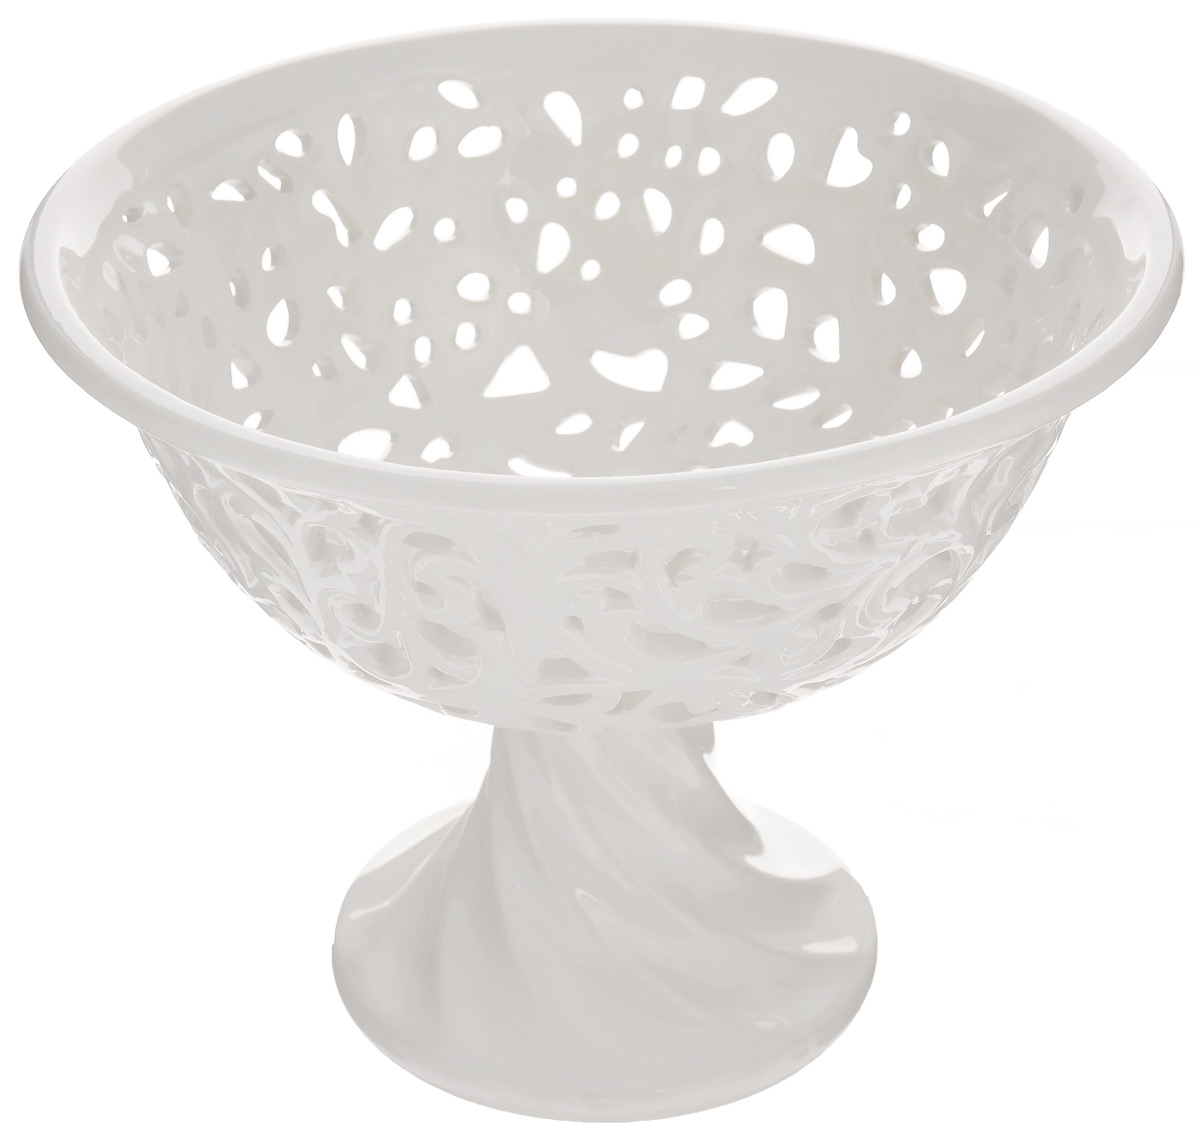 """Конфетница Loraine """"Ажур"""", изготовленная из  высококачественного доломита, украшена  оригинальным ажурным узором.  Стильная форма и интересное исполнение идеально  впишутся в любой стиль, а  универсальный белый цвет подойдет к любой  мебели."""